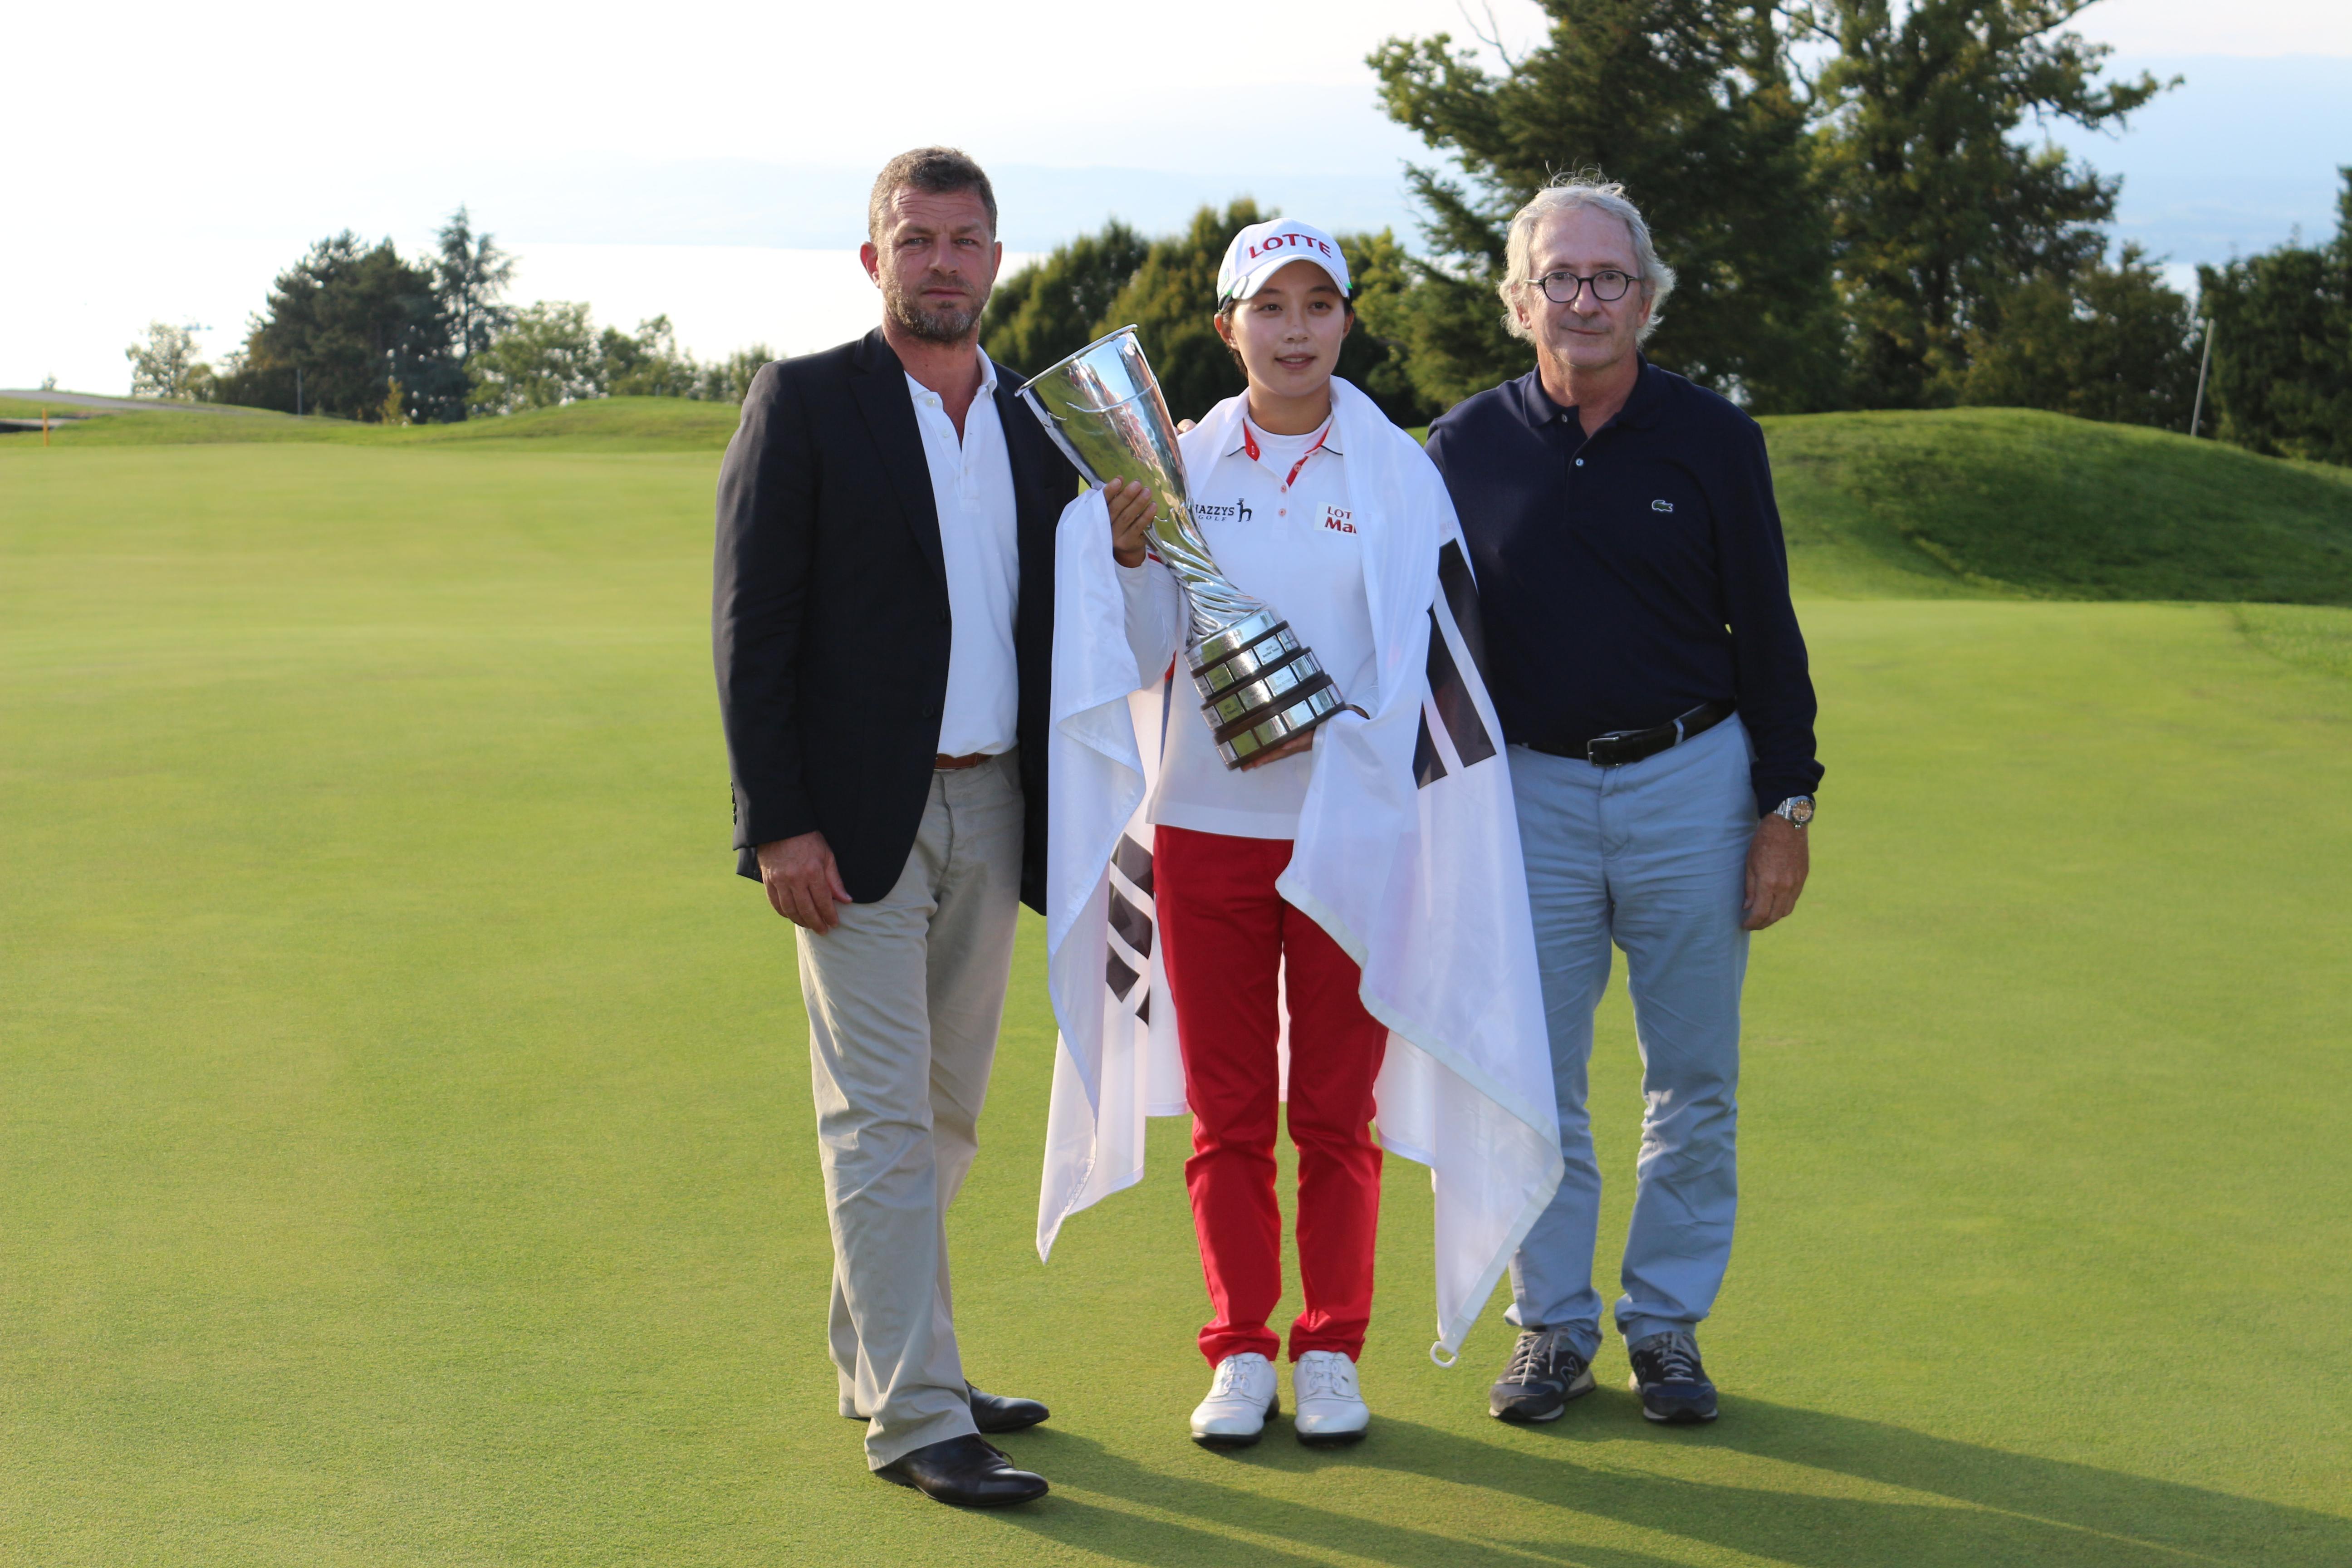 Kim entourée de Jacques Bungert Directeur du Tournoi et de Franck Riboud, Président de The Evian Championship